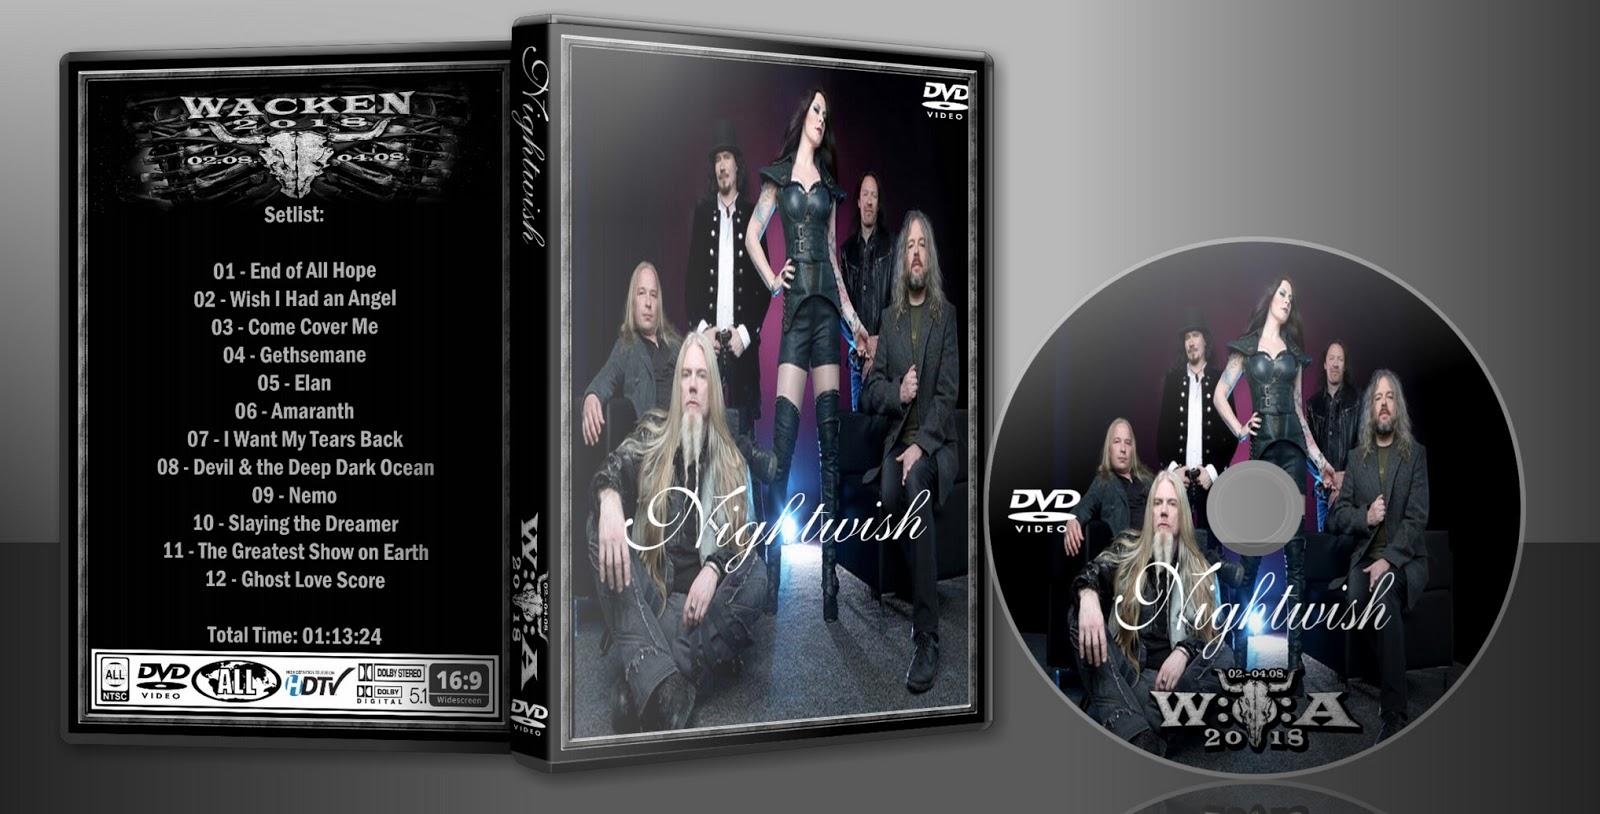 AIR DOWNLOAD SCORPIONS DVD AT LIVE OPEN GRÁTIS 2006 WACKEN